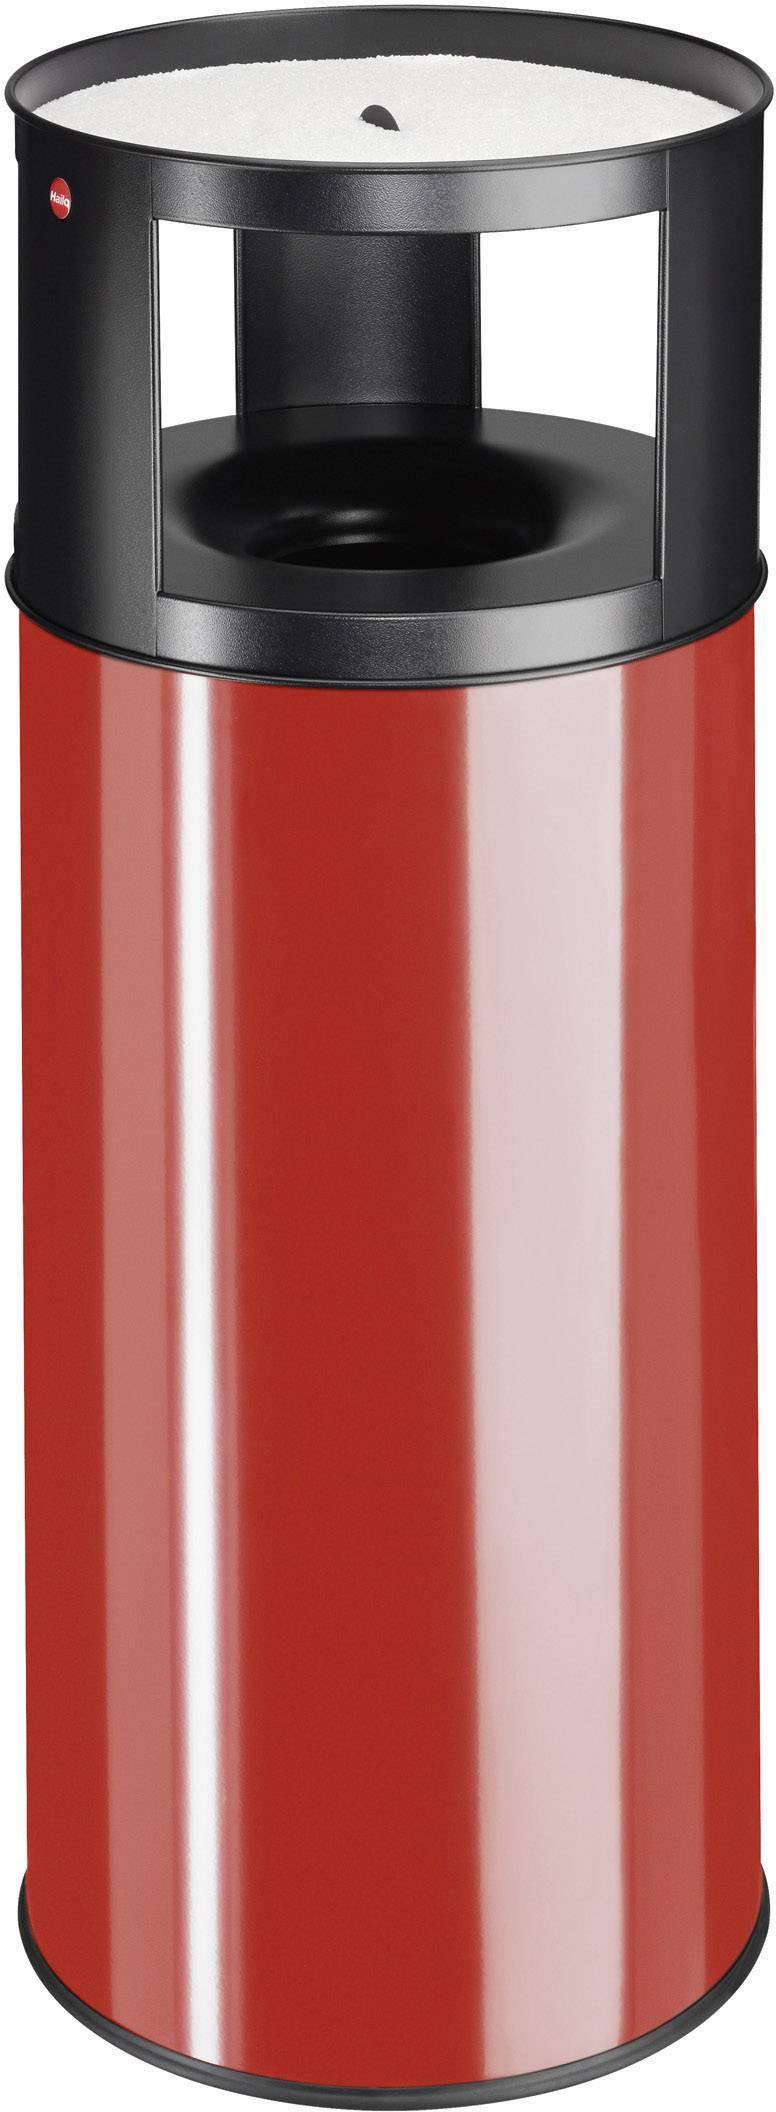 Odpadkový koš s popelníkem Hailo ProfiLine care XXL, 960 mm, Vnější Ø 390 mm, 75 l, červená